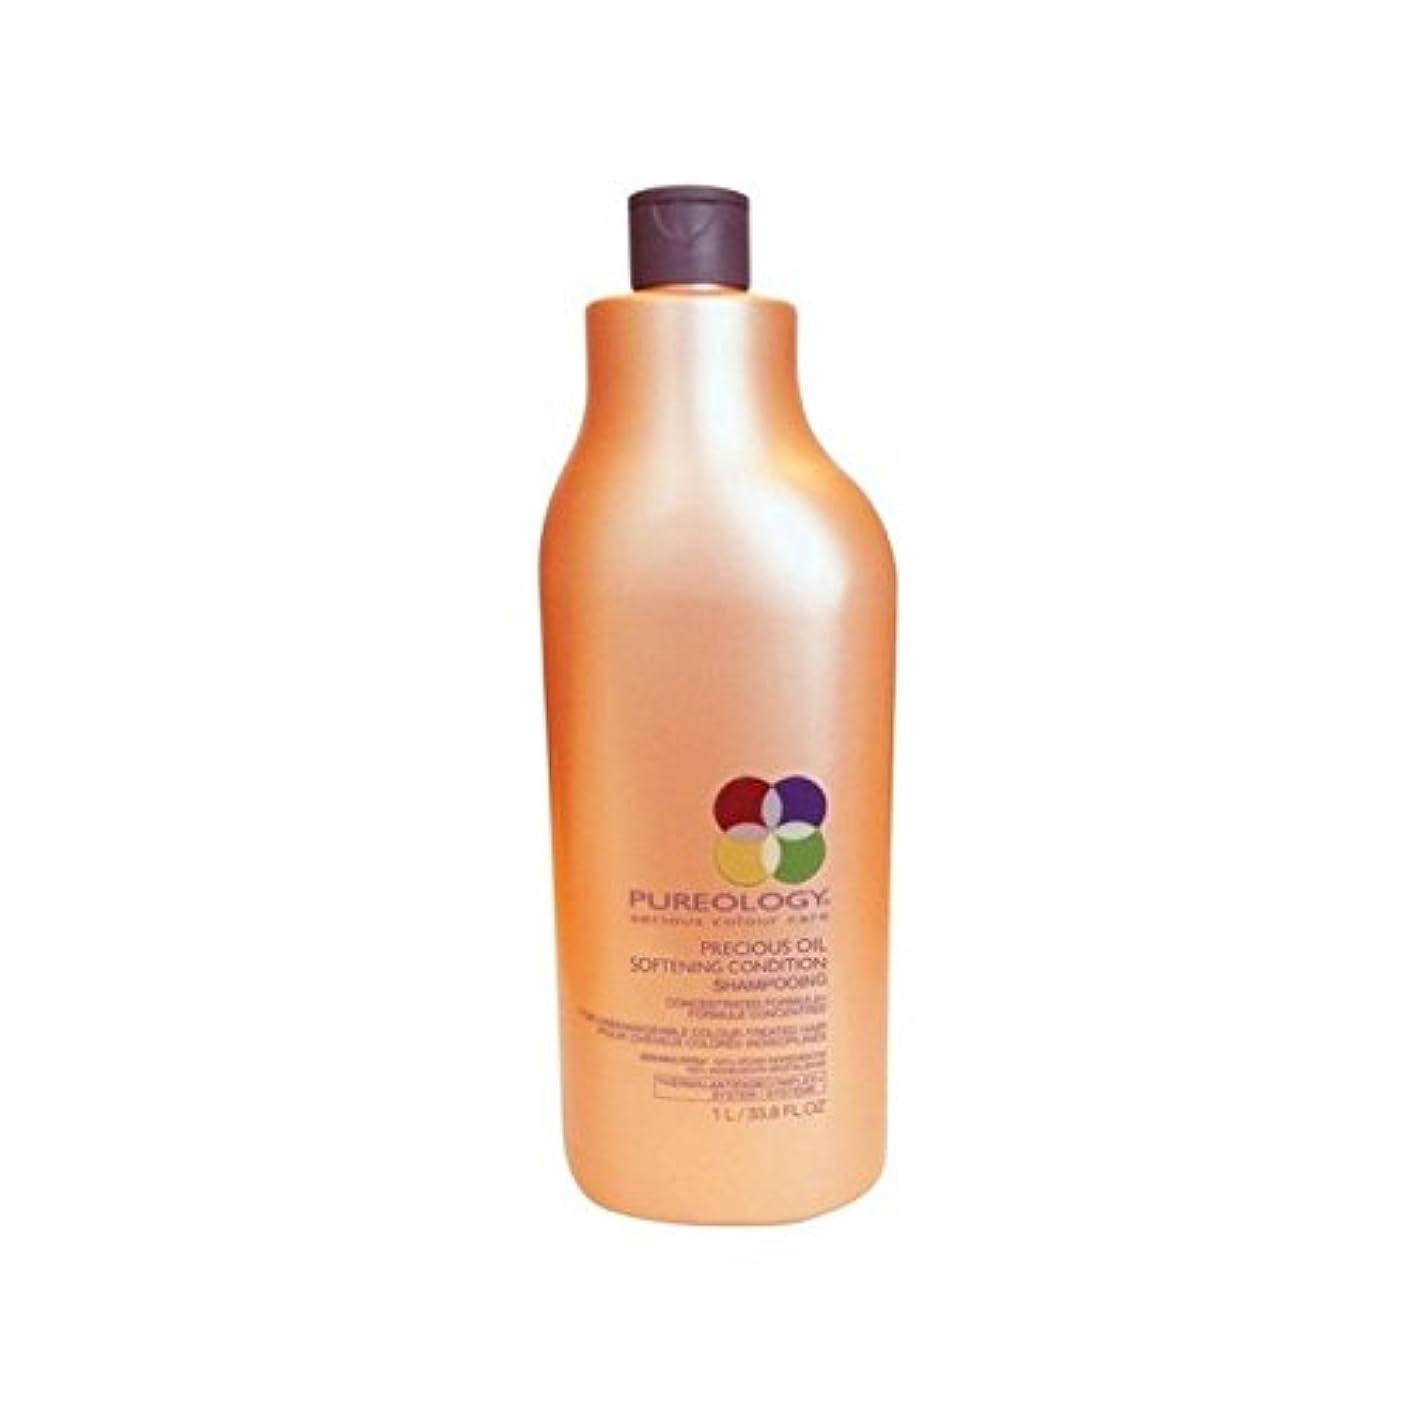 うがい涙が出る司法Pureology Precious Oil Conditioner (1000ml) - 貴重なオイルコンディショナー(千ミリリットル) [並行輸入品]